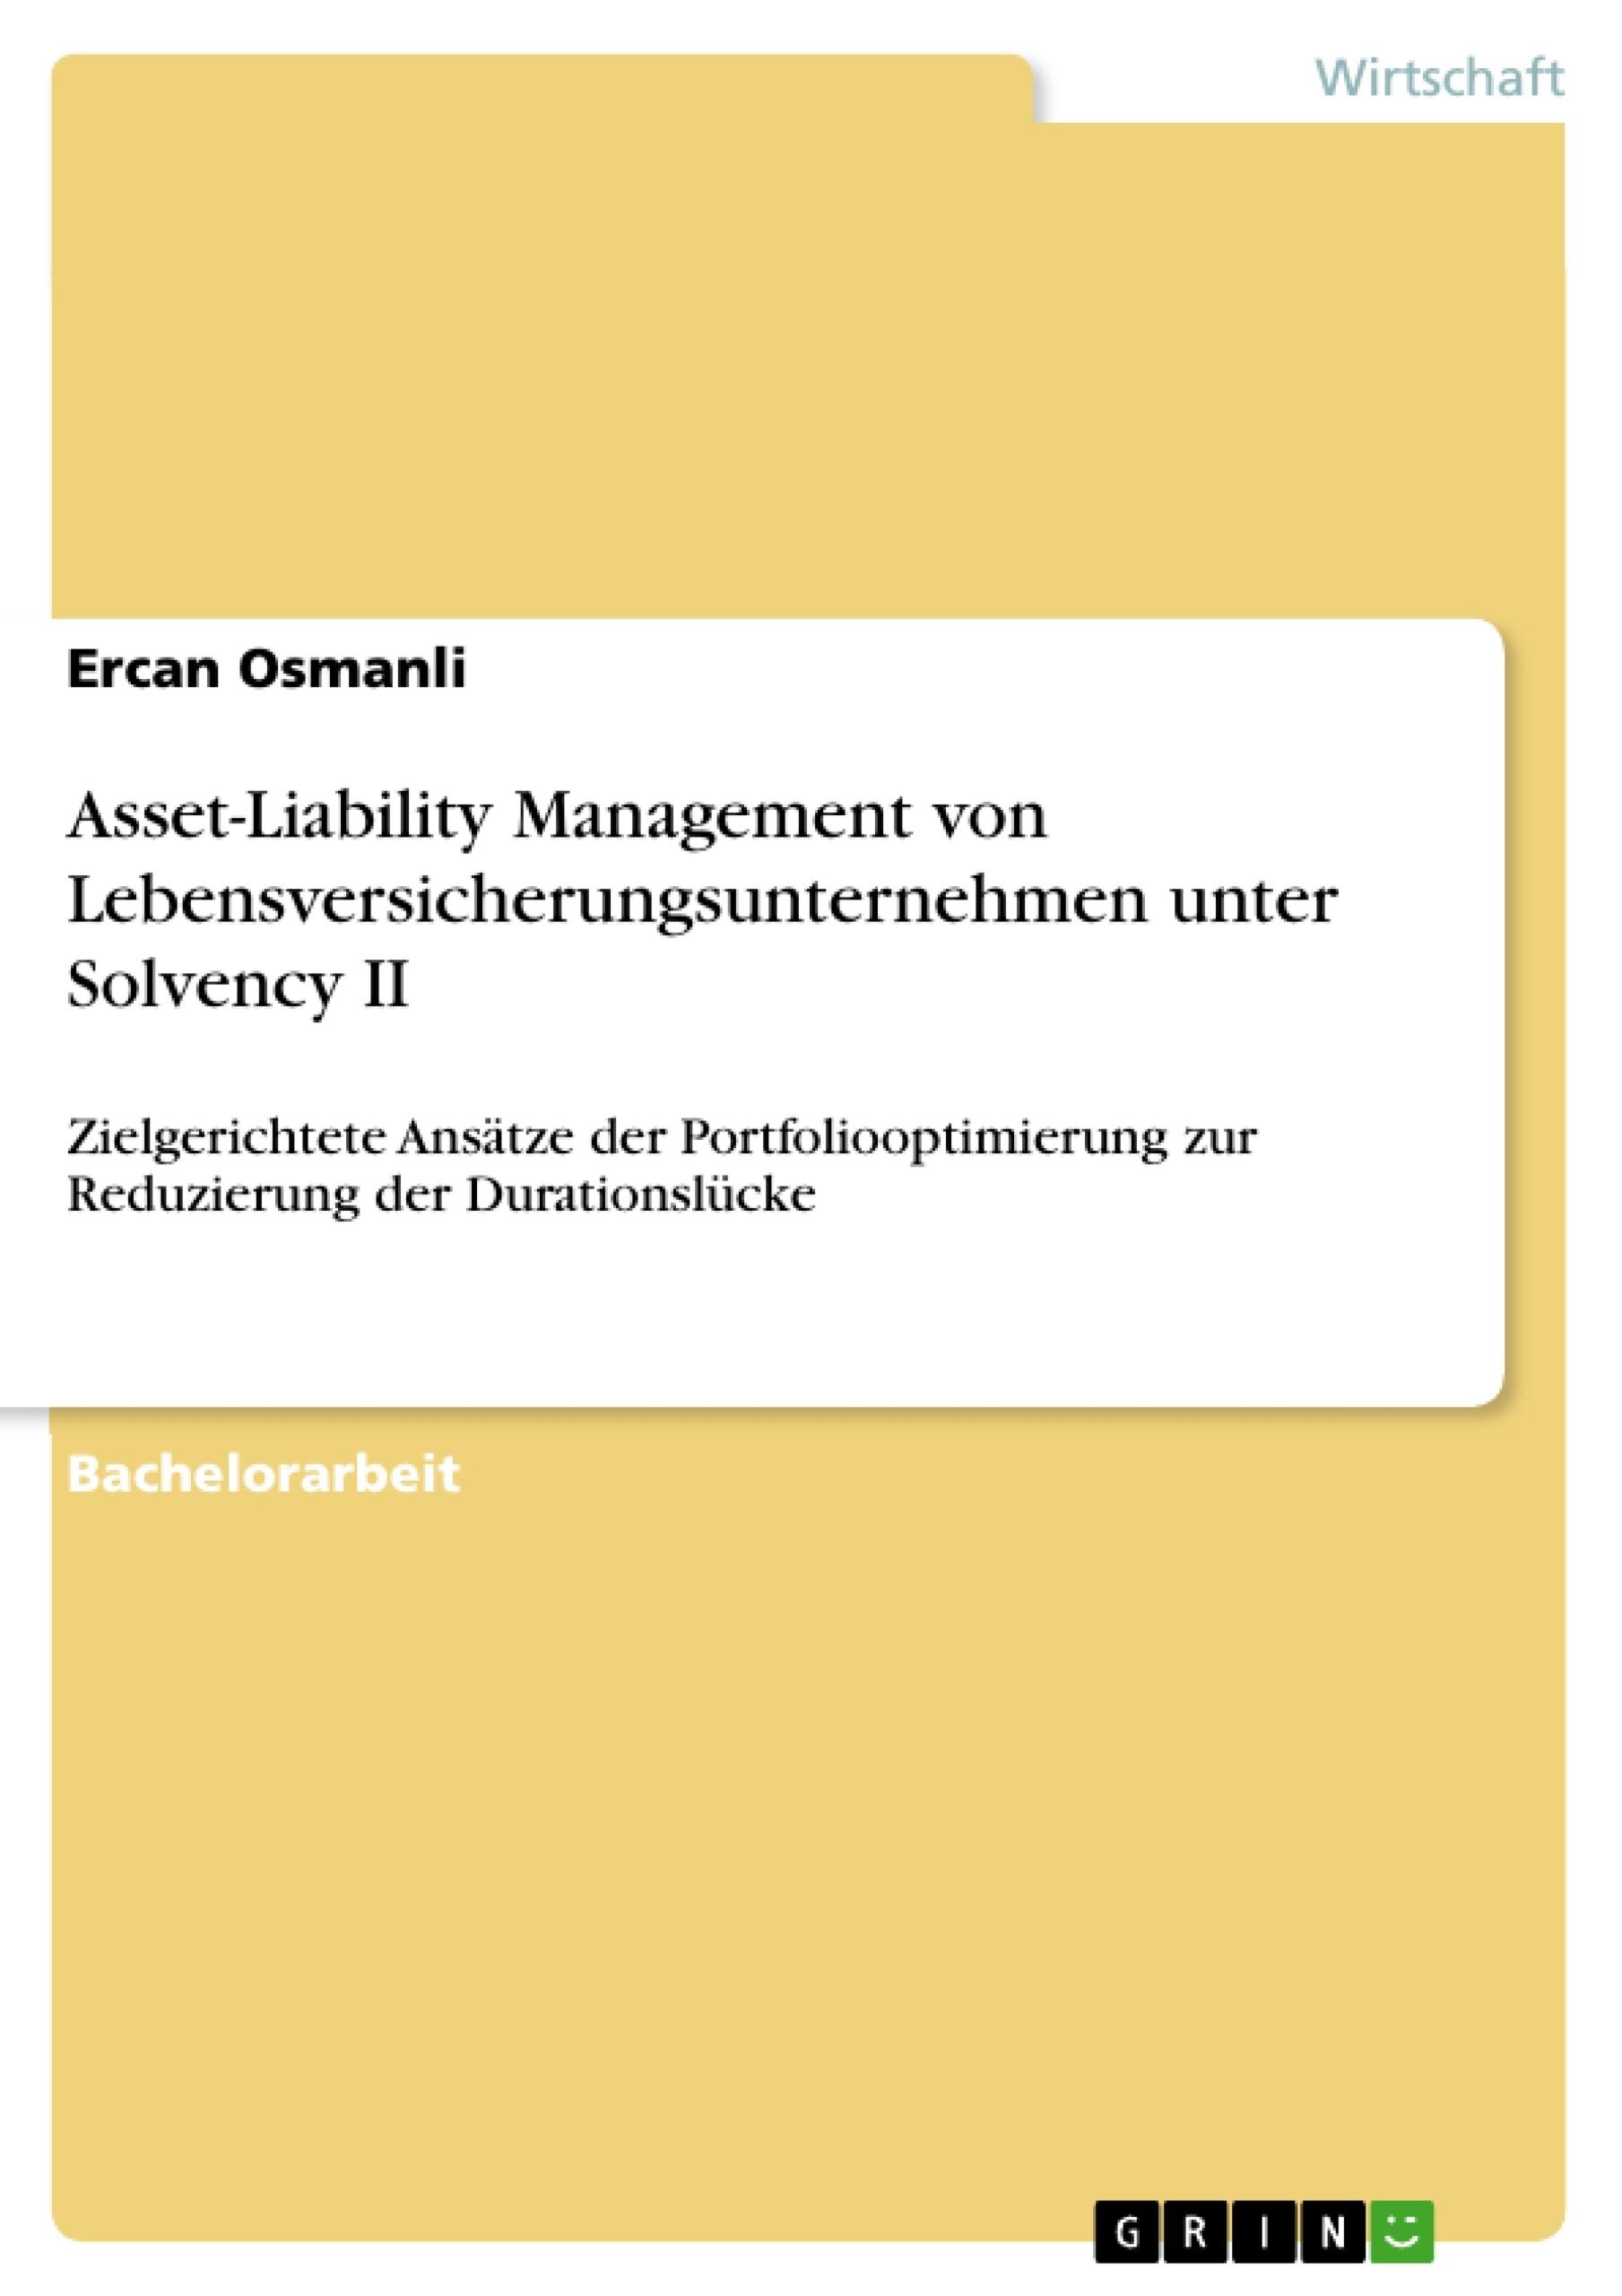 Titel: Asset-Liability Management von  Lebensversicherungsunternehmen unter Solvency II